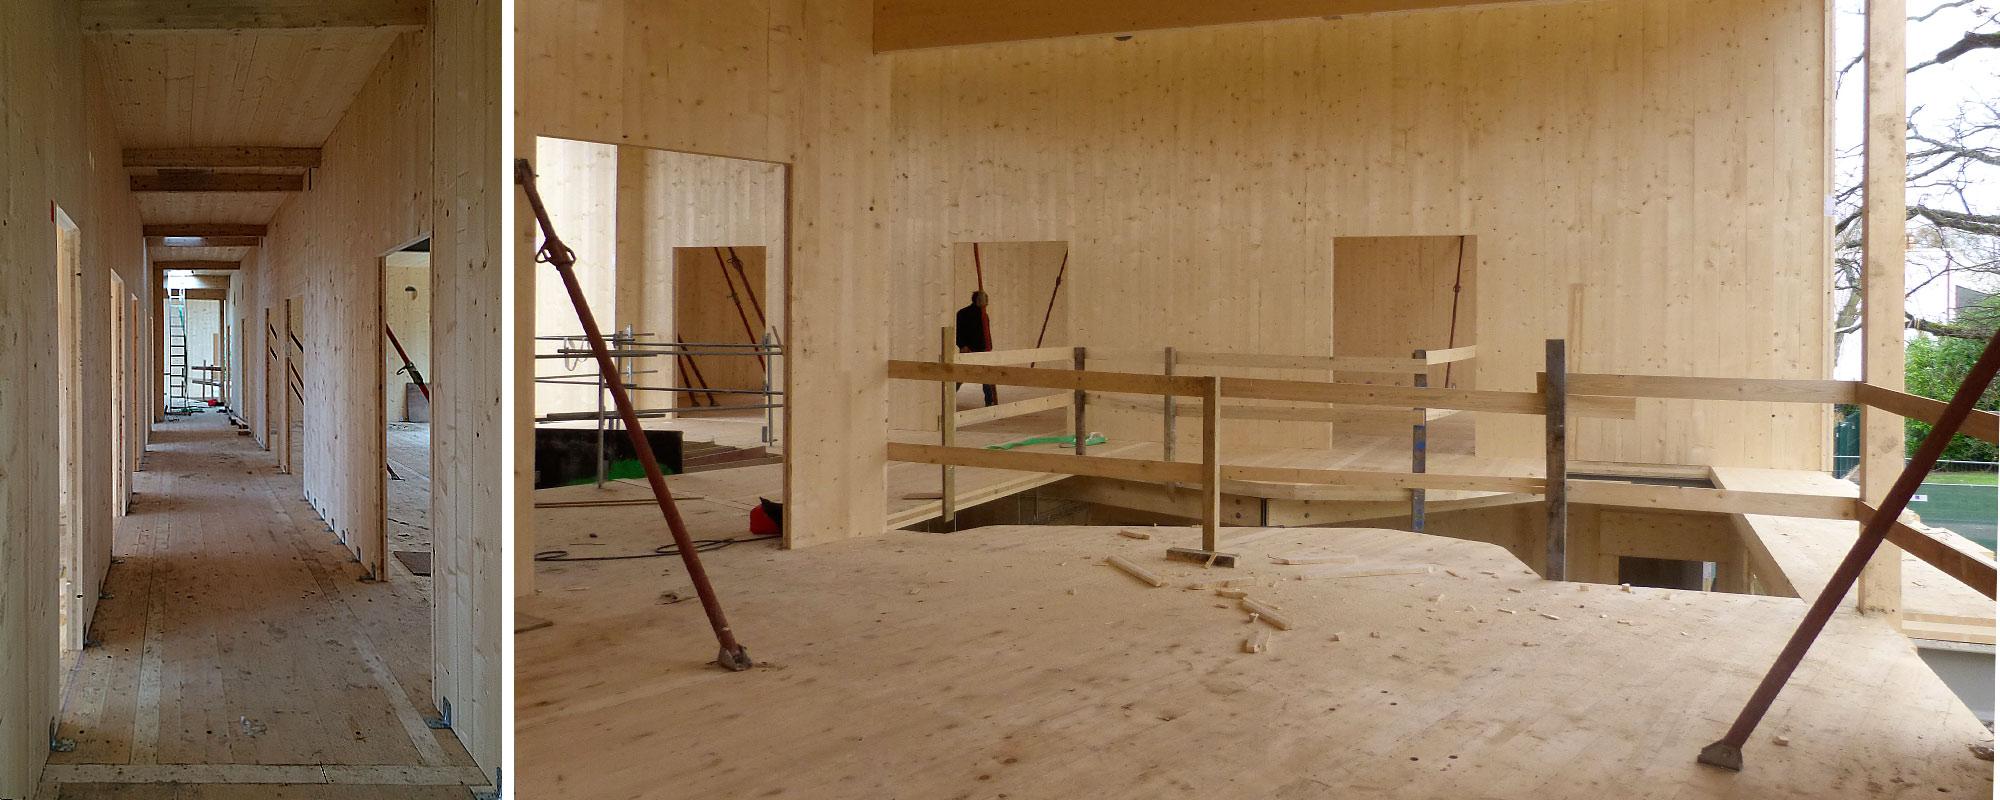 Centre périscolaire de Boussy : vue intérieure